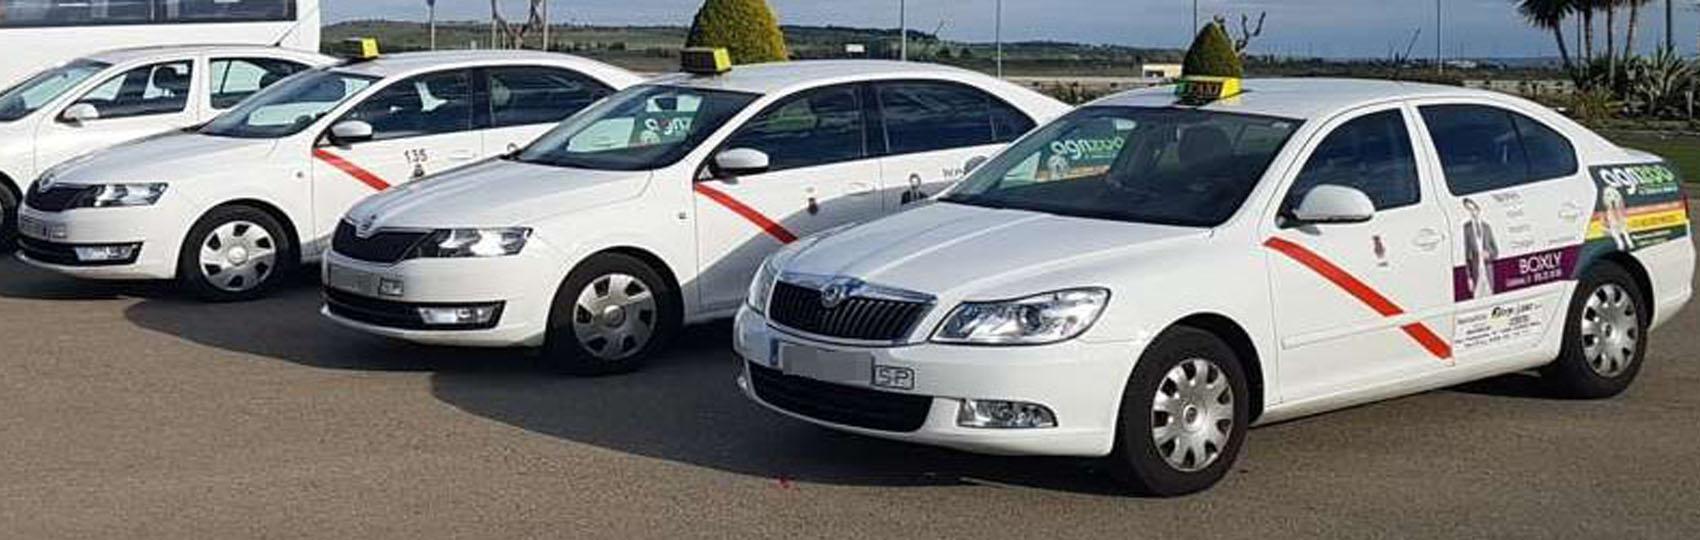 Noticias del sector del taxi y la movilidad en Ciudad Real. Mantente informado de todas las noticias del taxi de Ciudad Real en el grupo de Facebook de Todo Taxi.